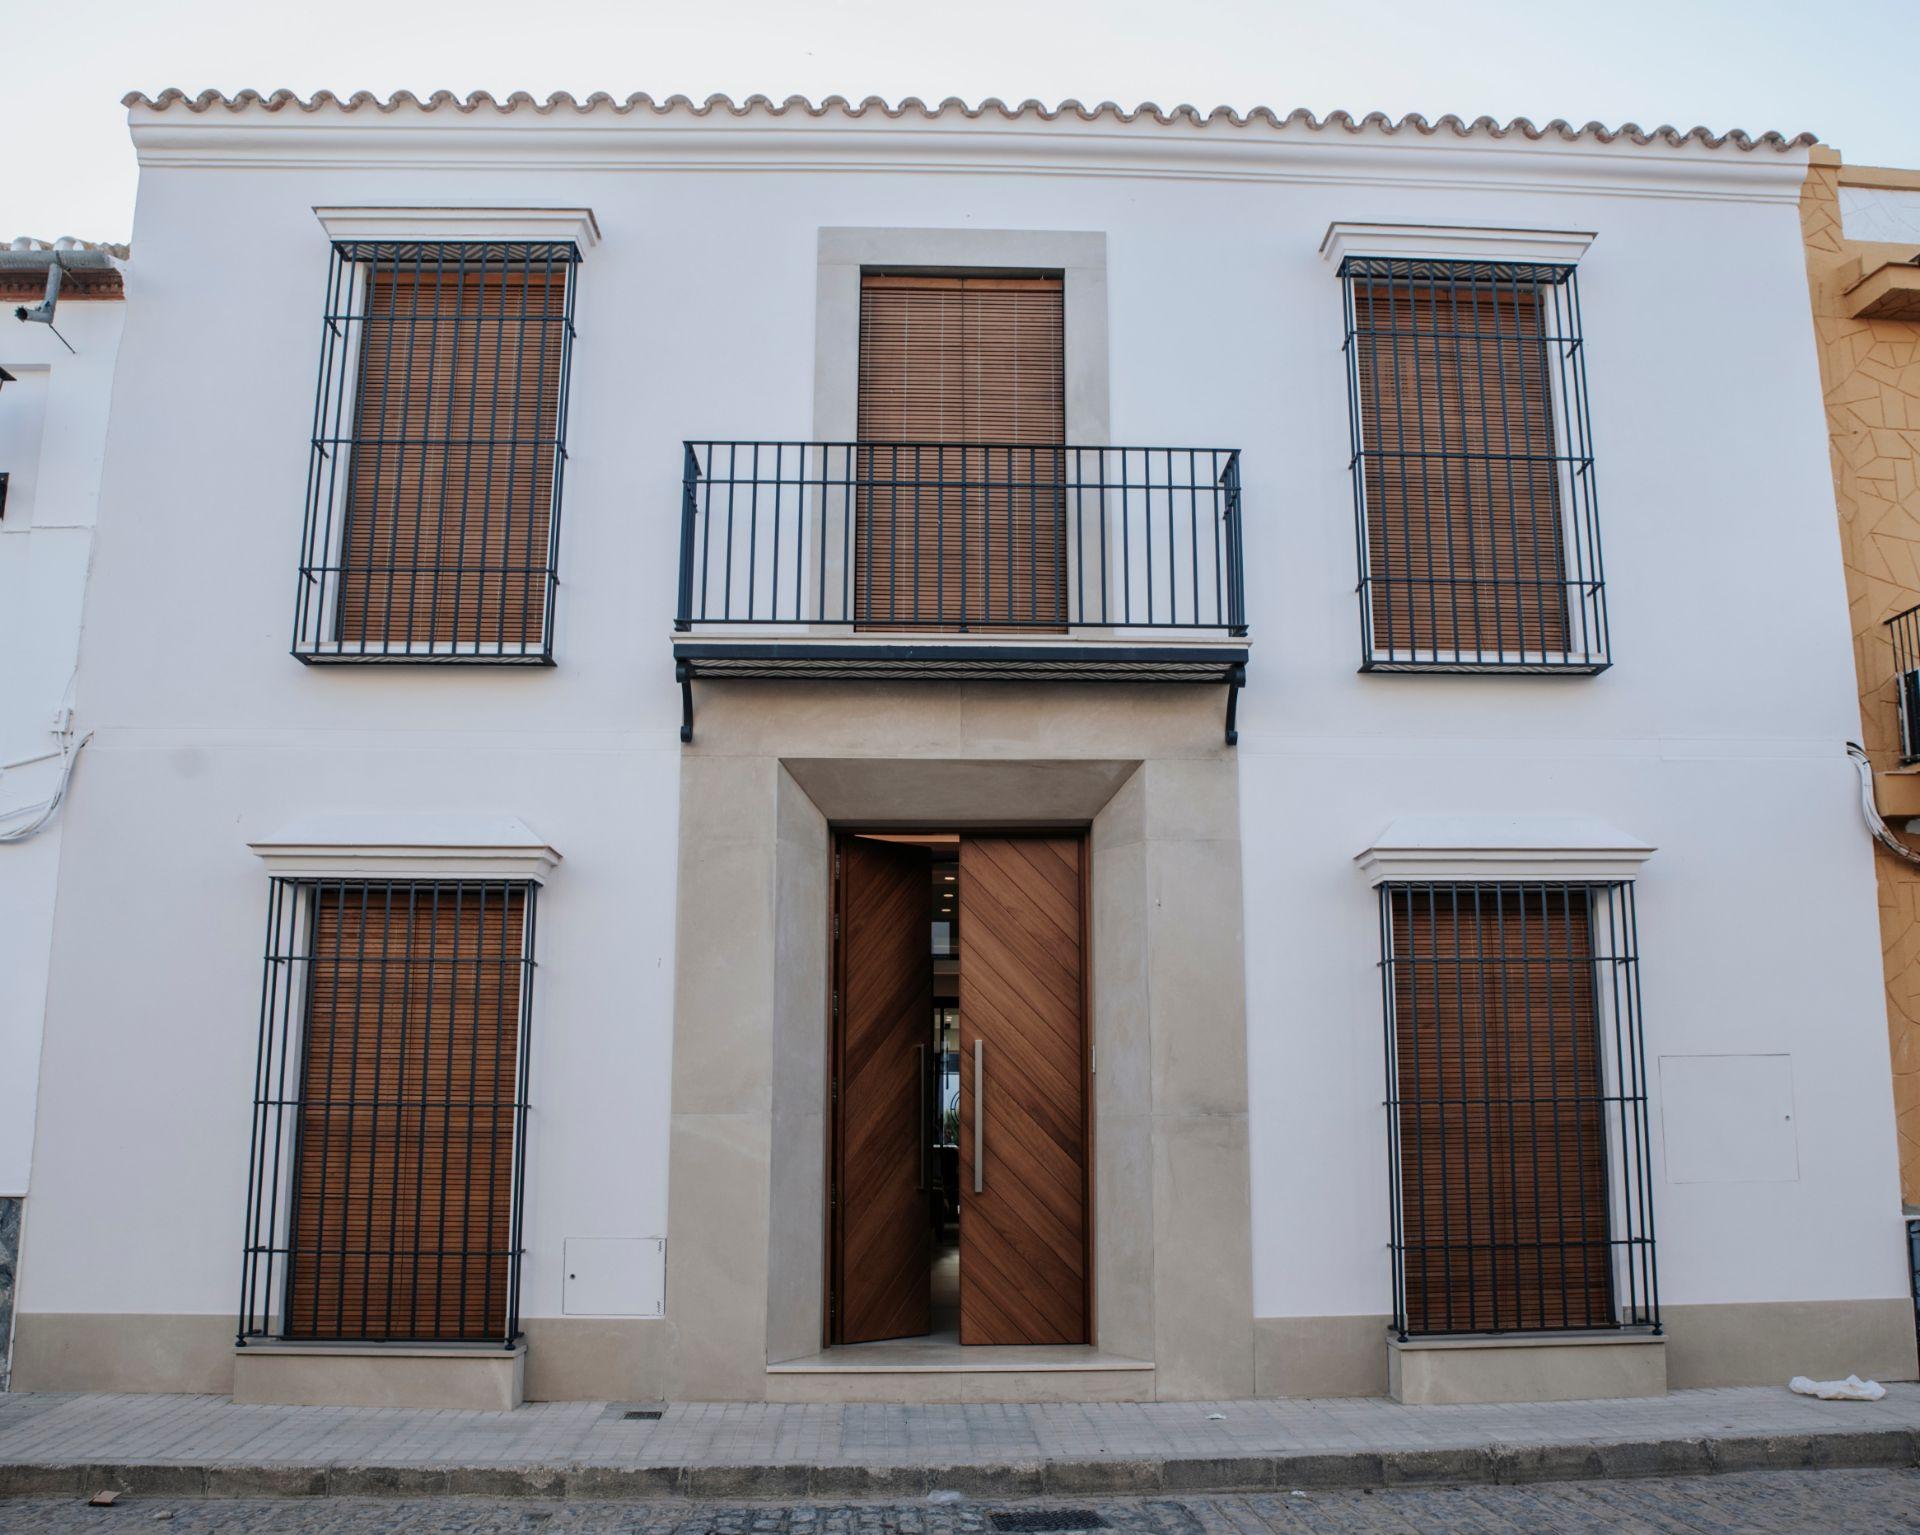 proyectos-interiorismo-interioristas-diseno-interiores-viviendas-particulares-casas-pueblo-chalets-adosados-urbanizaciones-lujo-18